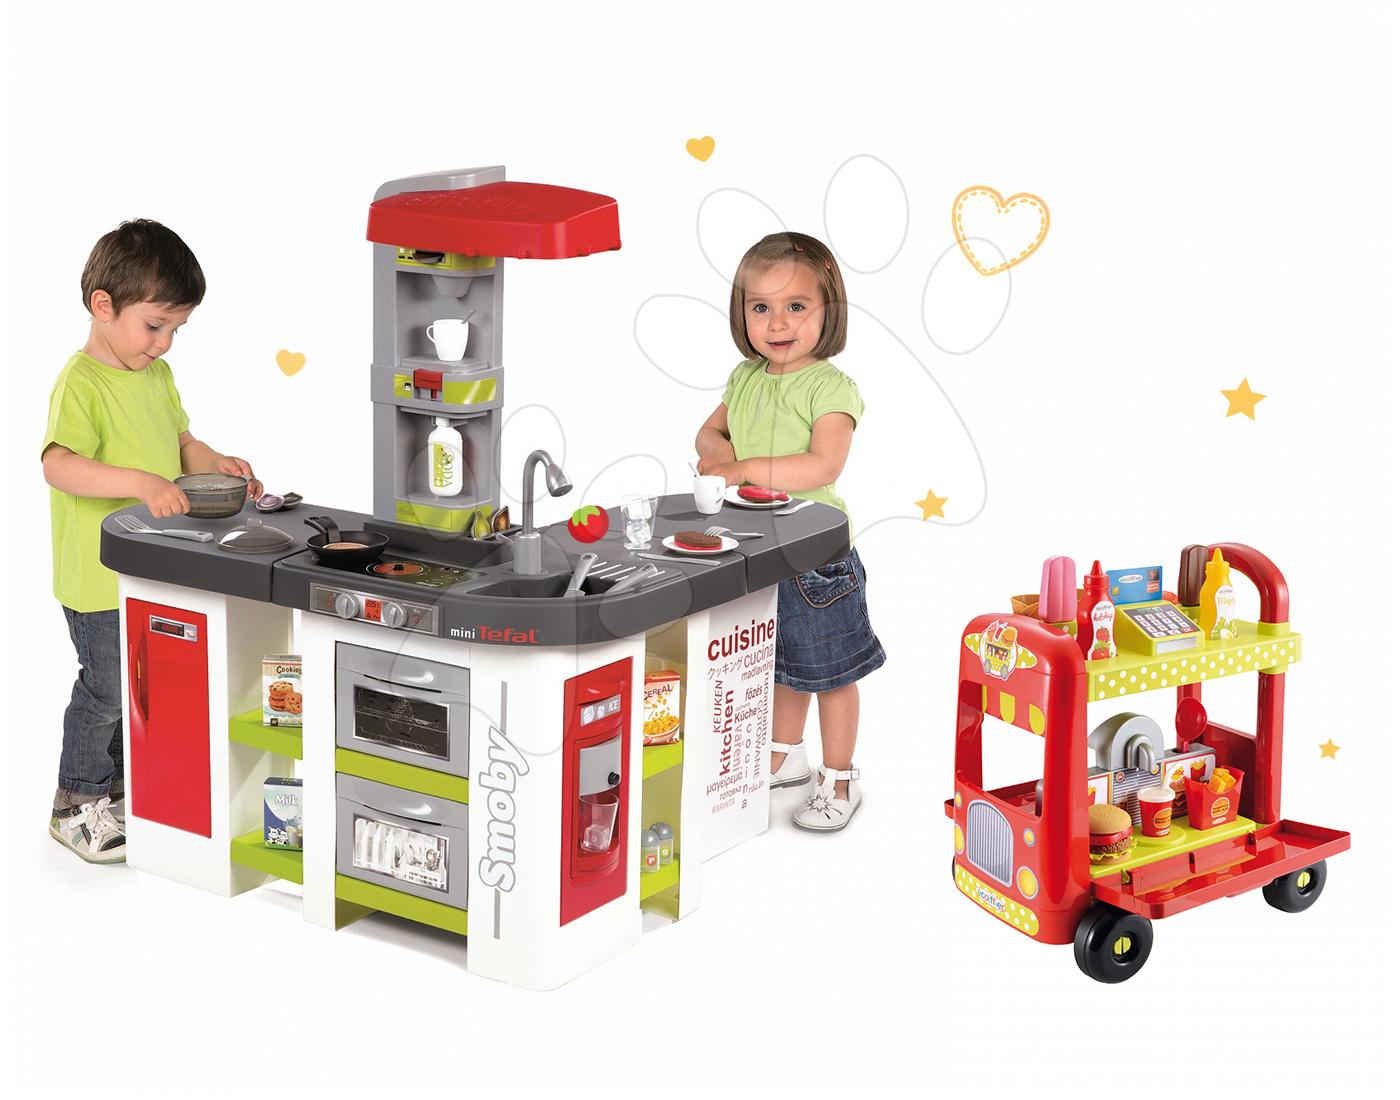 Set dětská kuchyňka Tefal Studio XXL Smoby elektronická s magickým bubláním a zmrzlinářský vozík s hamburgery